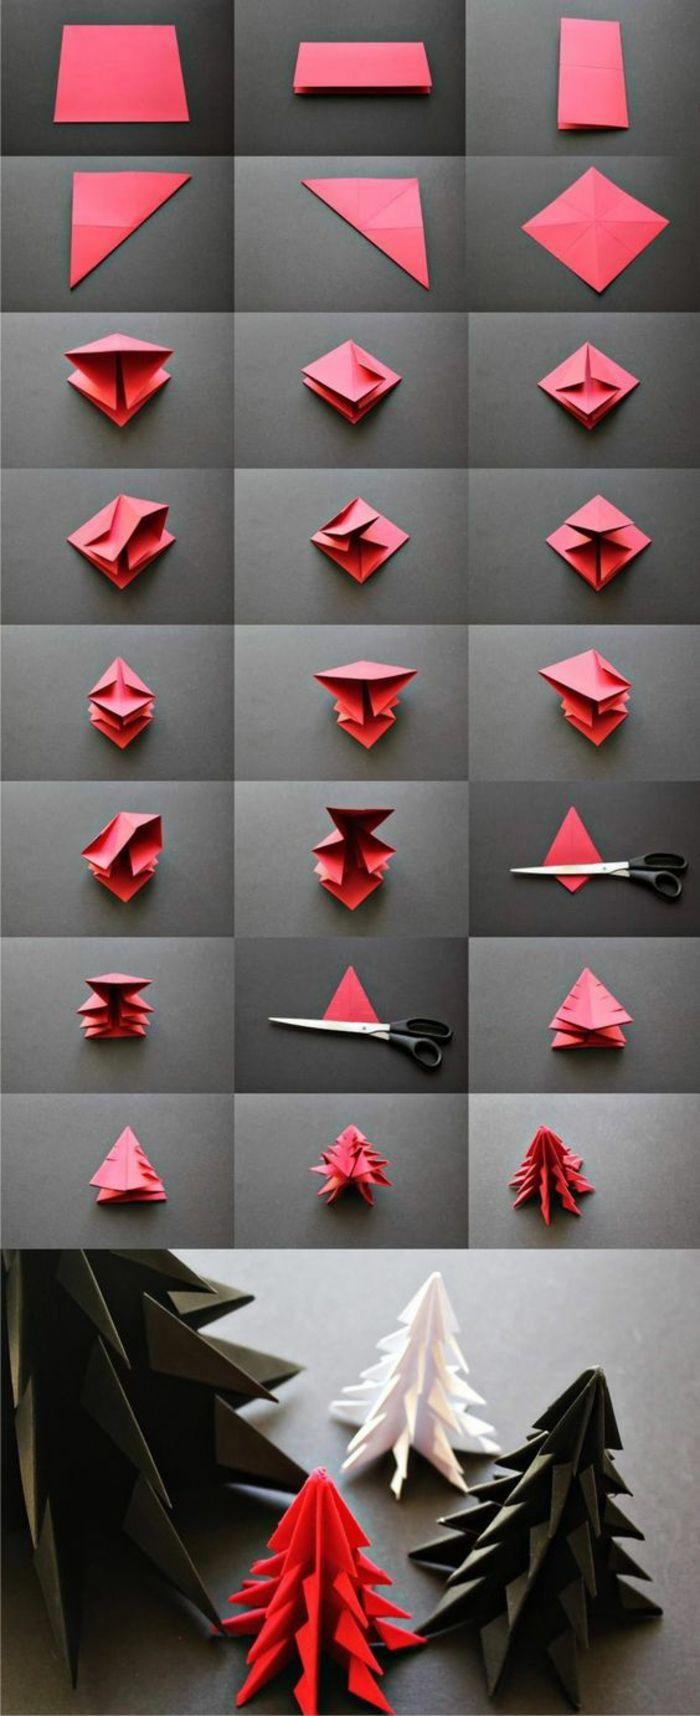 Décoration De Noël Sapin En Origami Technique De Pliage Papier